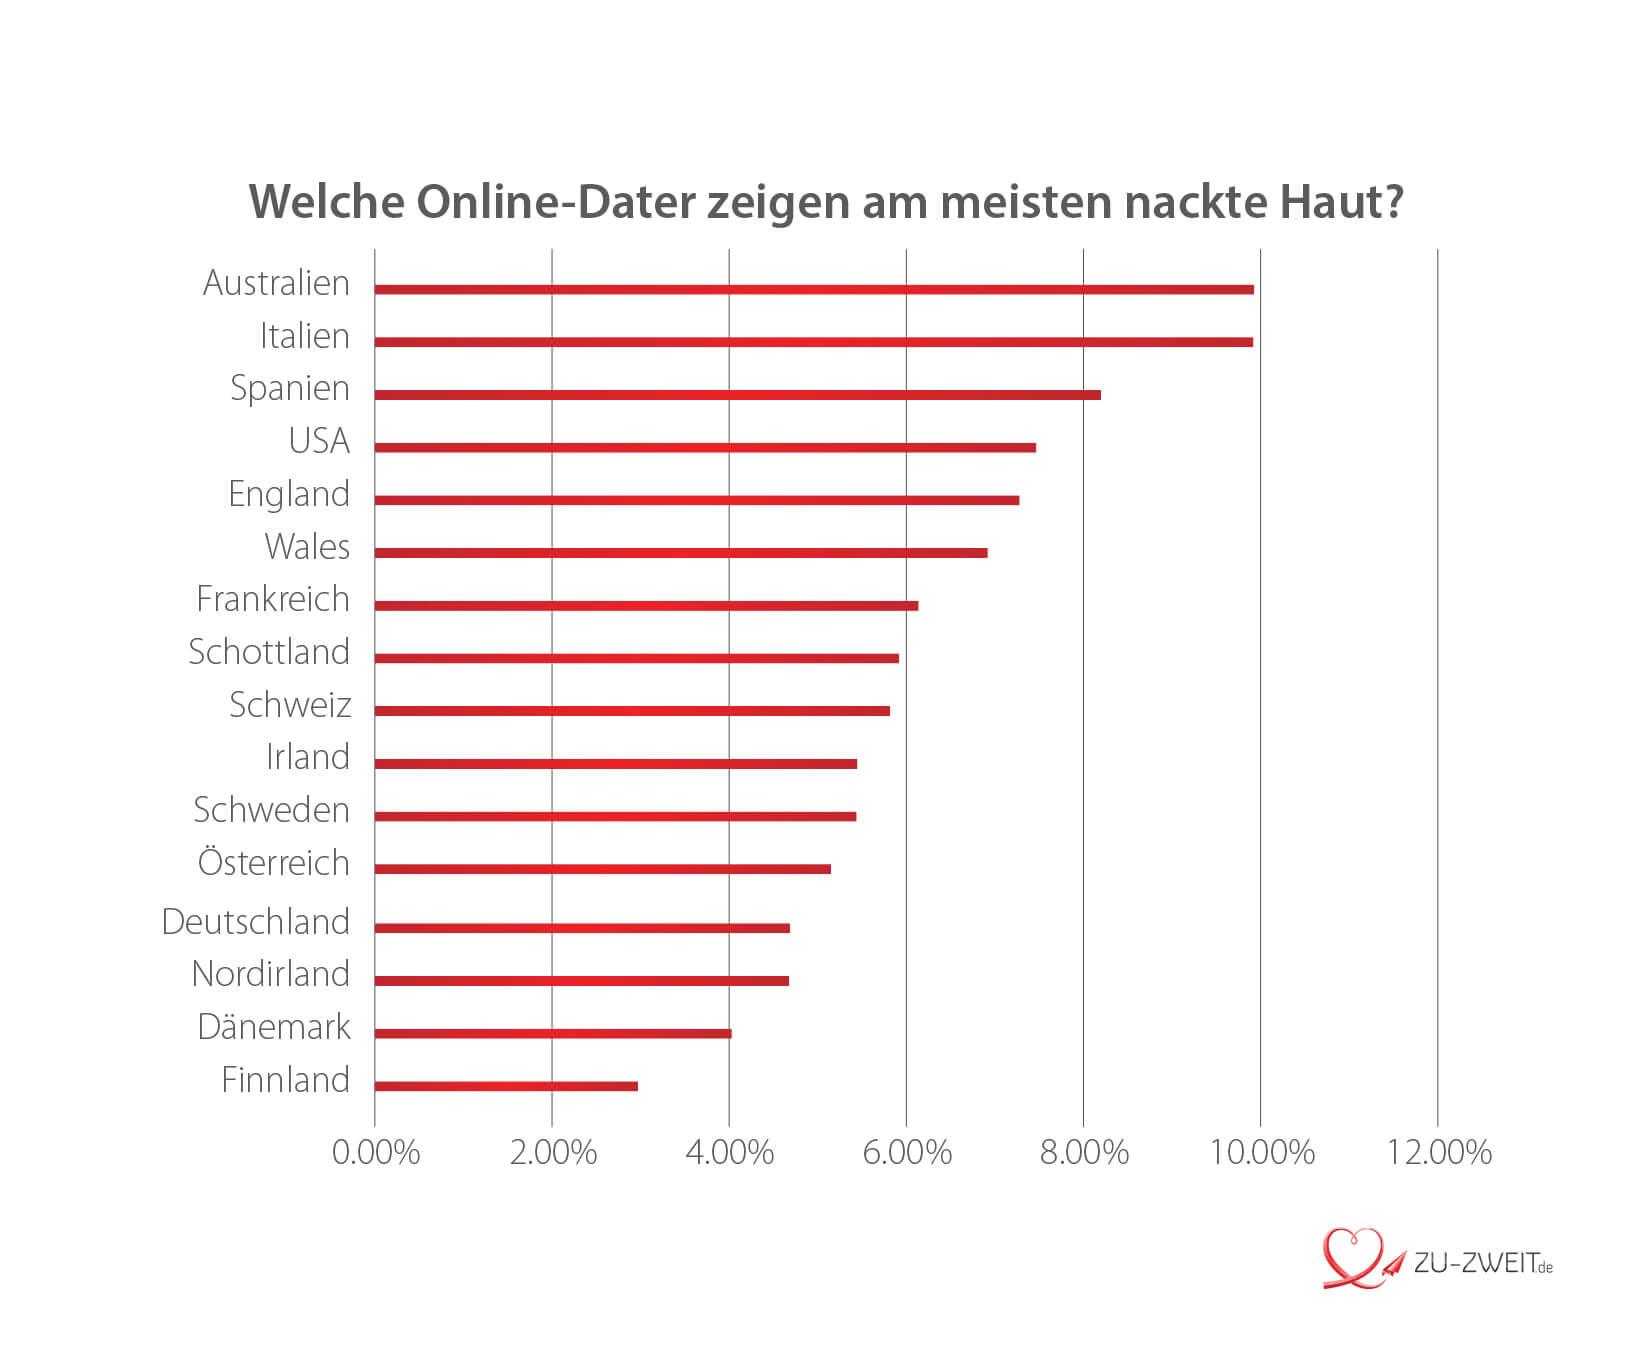 Wer zeigt deutschlandweit am meisten nackte Haut?